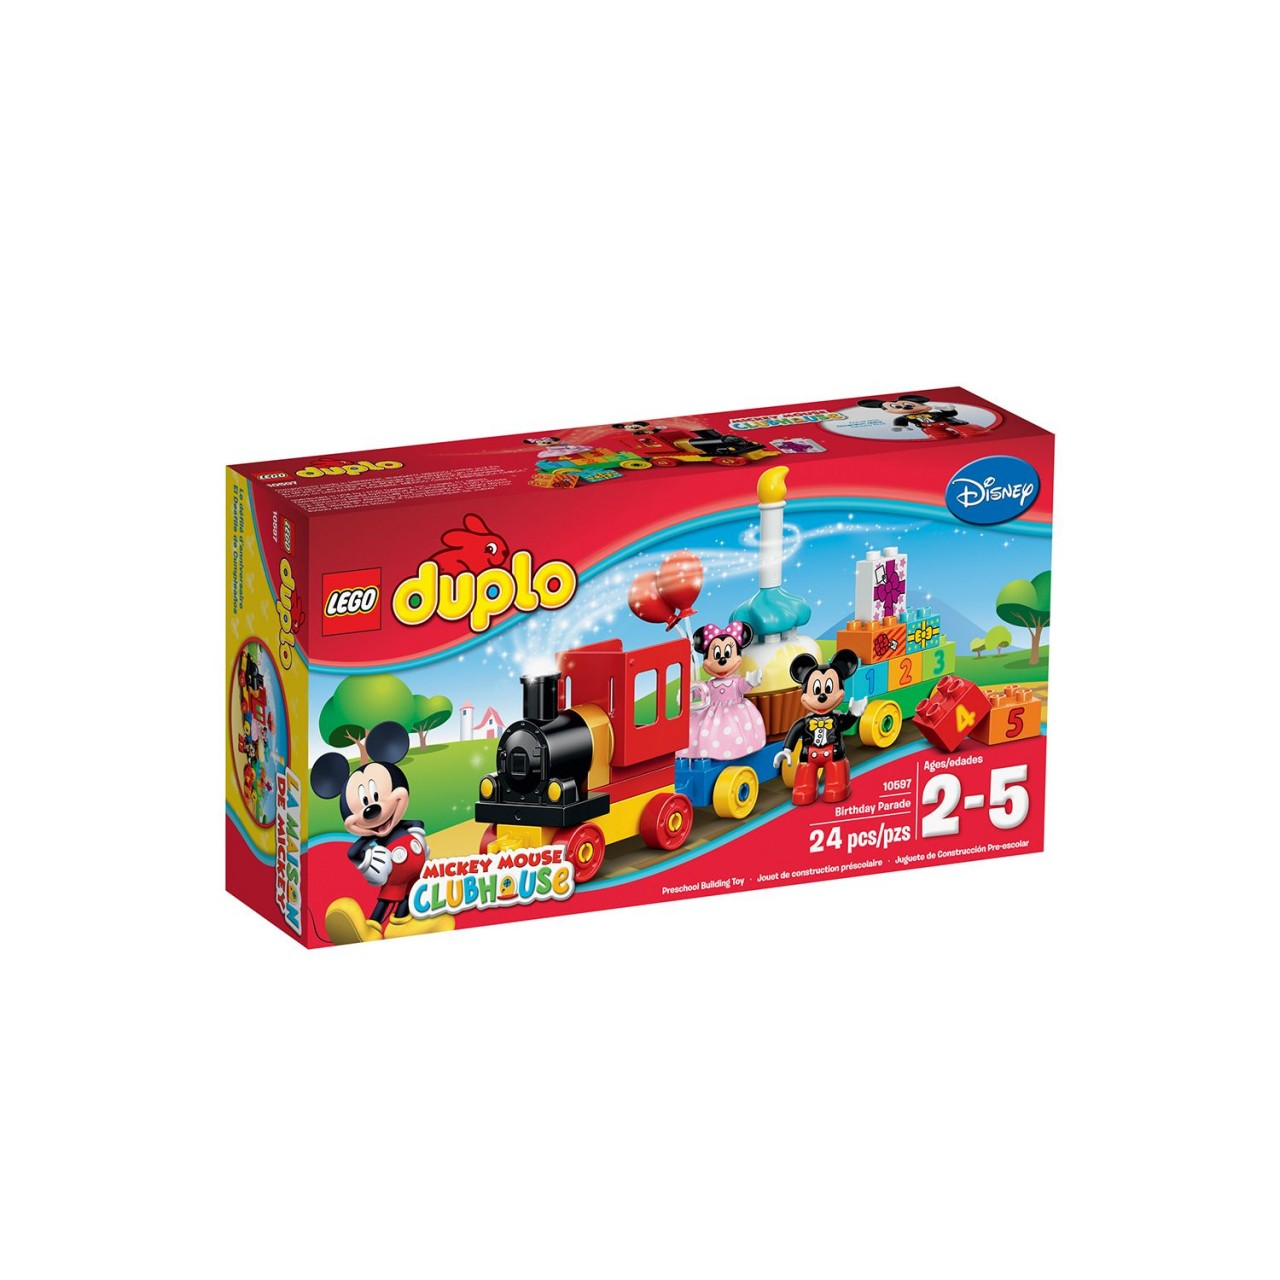 LEGO DUPLO 10597 Geburtstagsparade